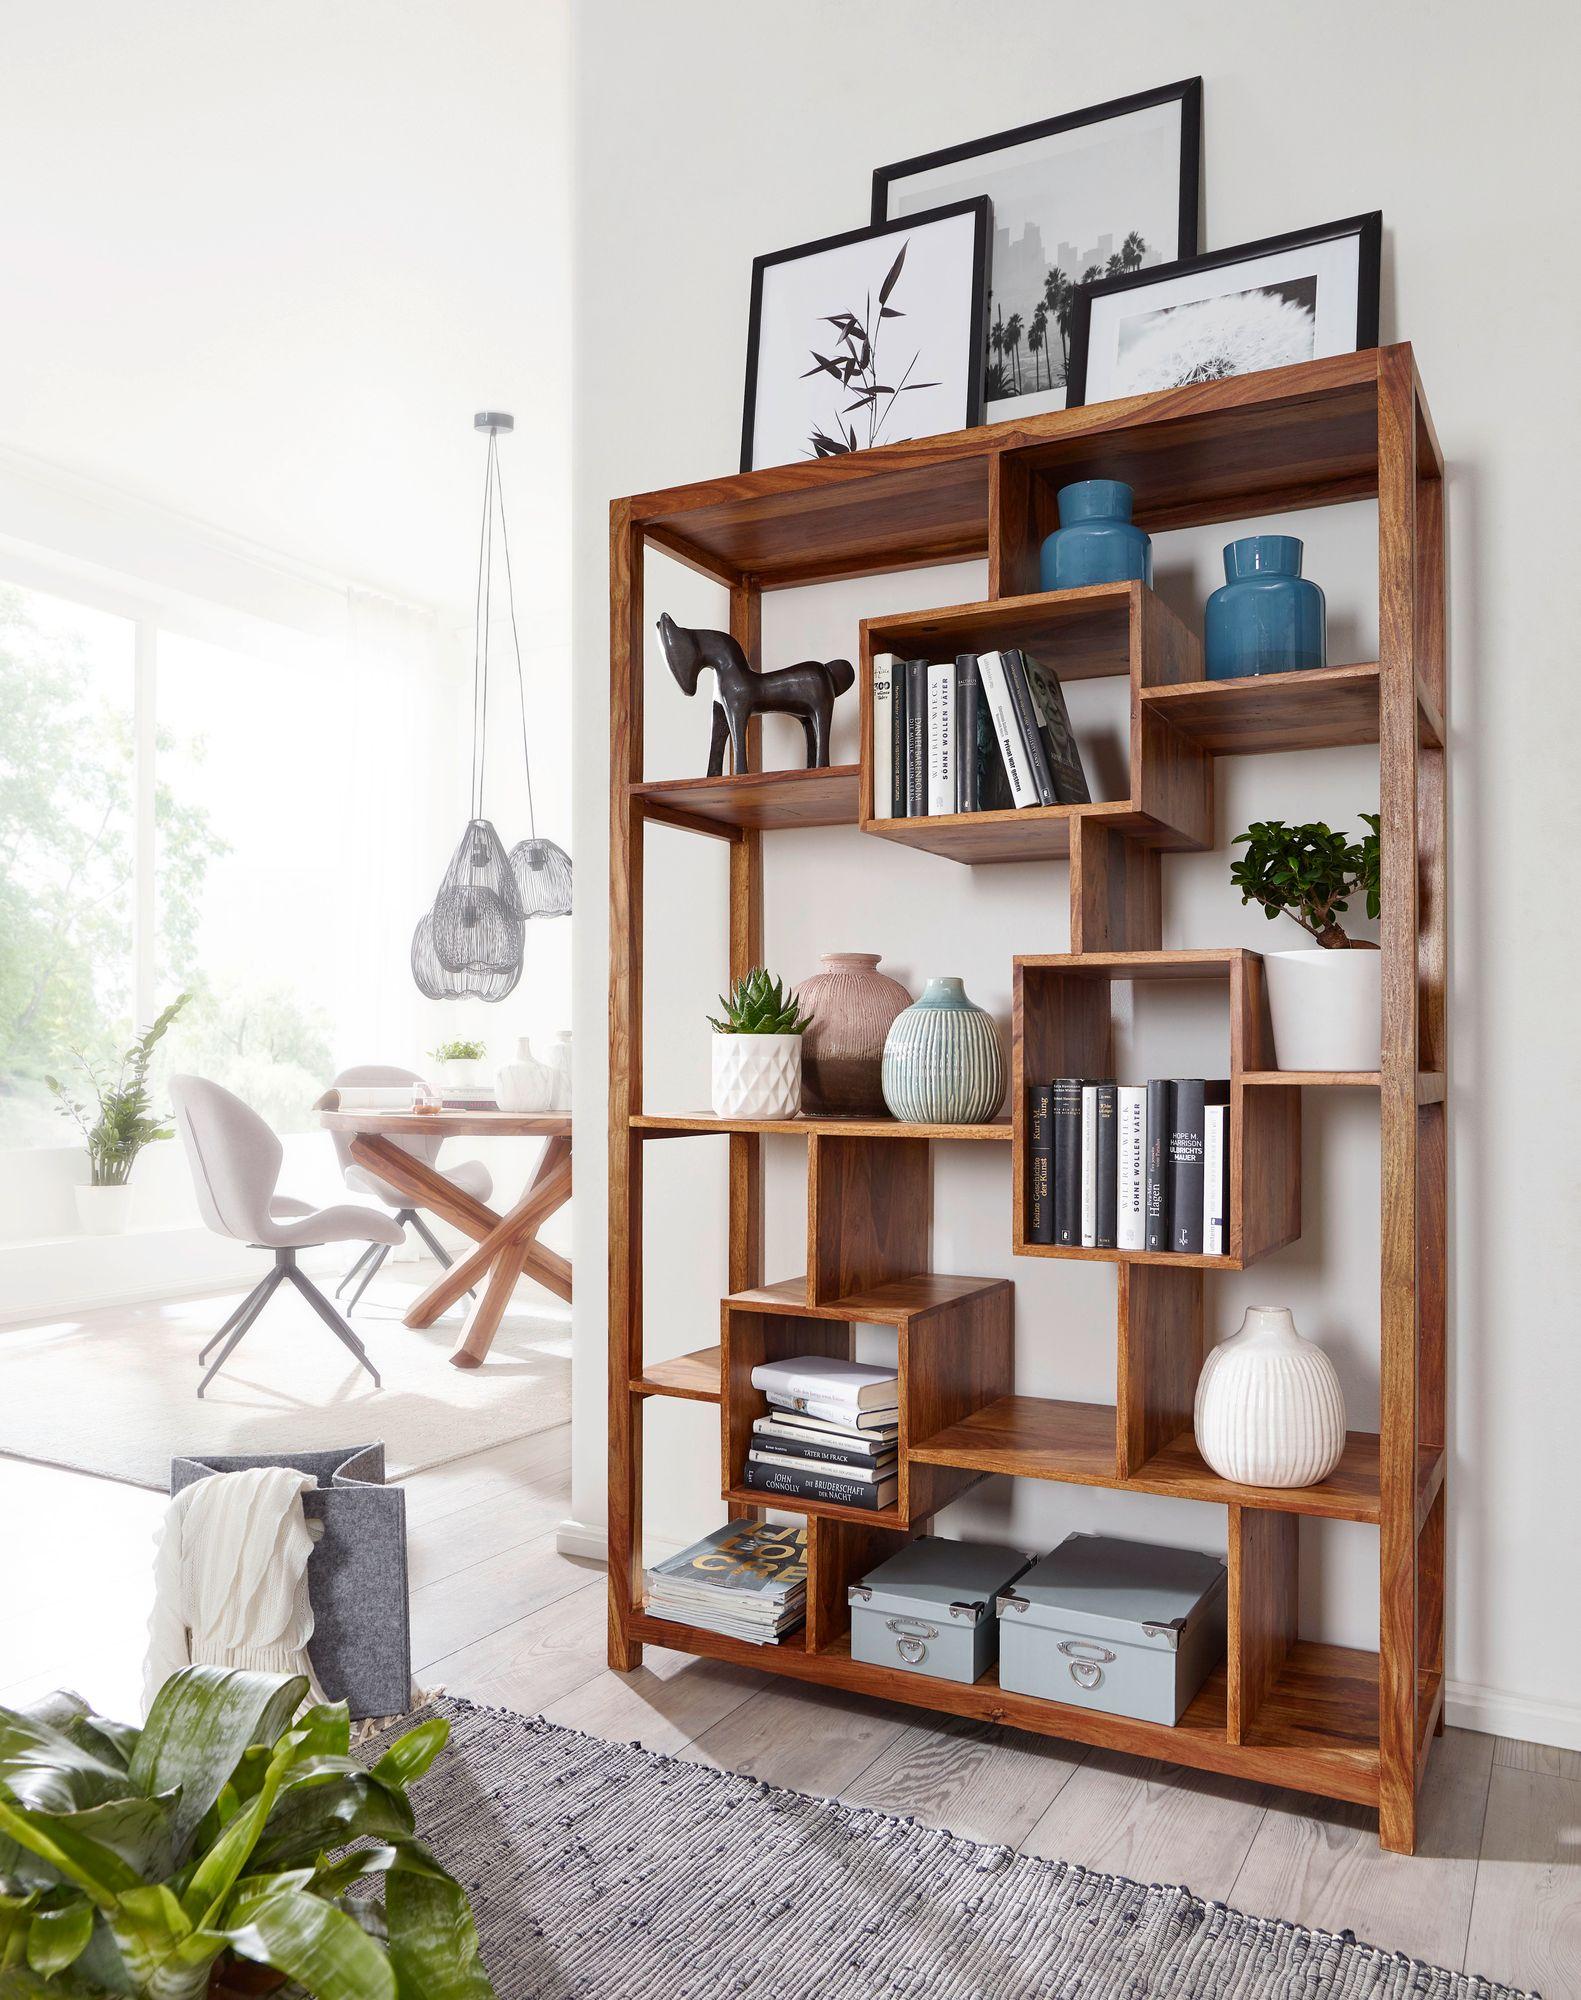 WOHNLING Bücherregal MUMBAI Massiv-Holz Sheesham 4 x 4 cm  Wohnzimmer-Regal Ablagefächer Design Landhaus-Stil Standregal